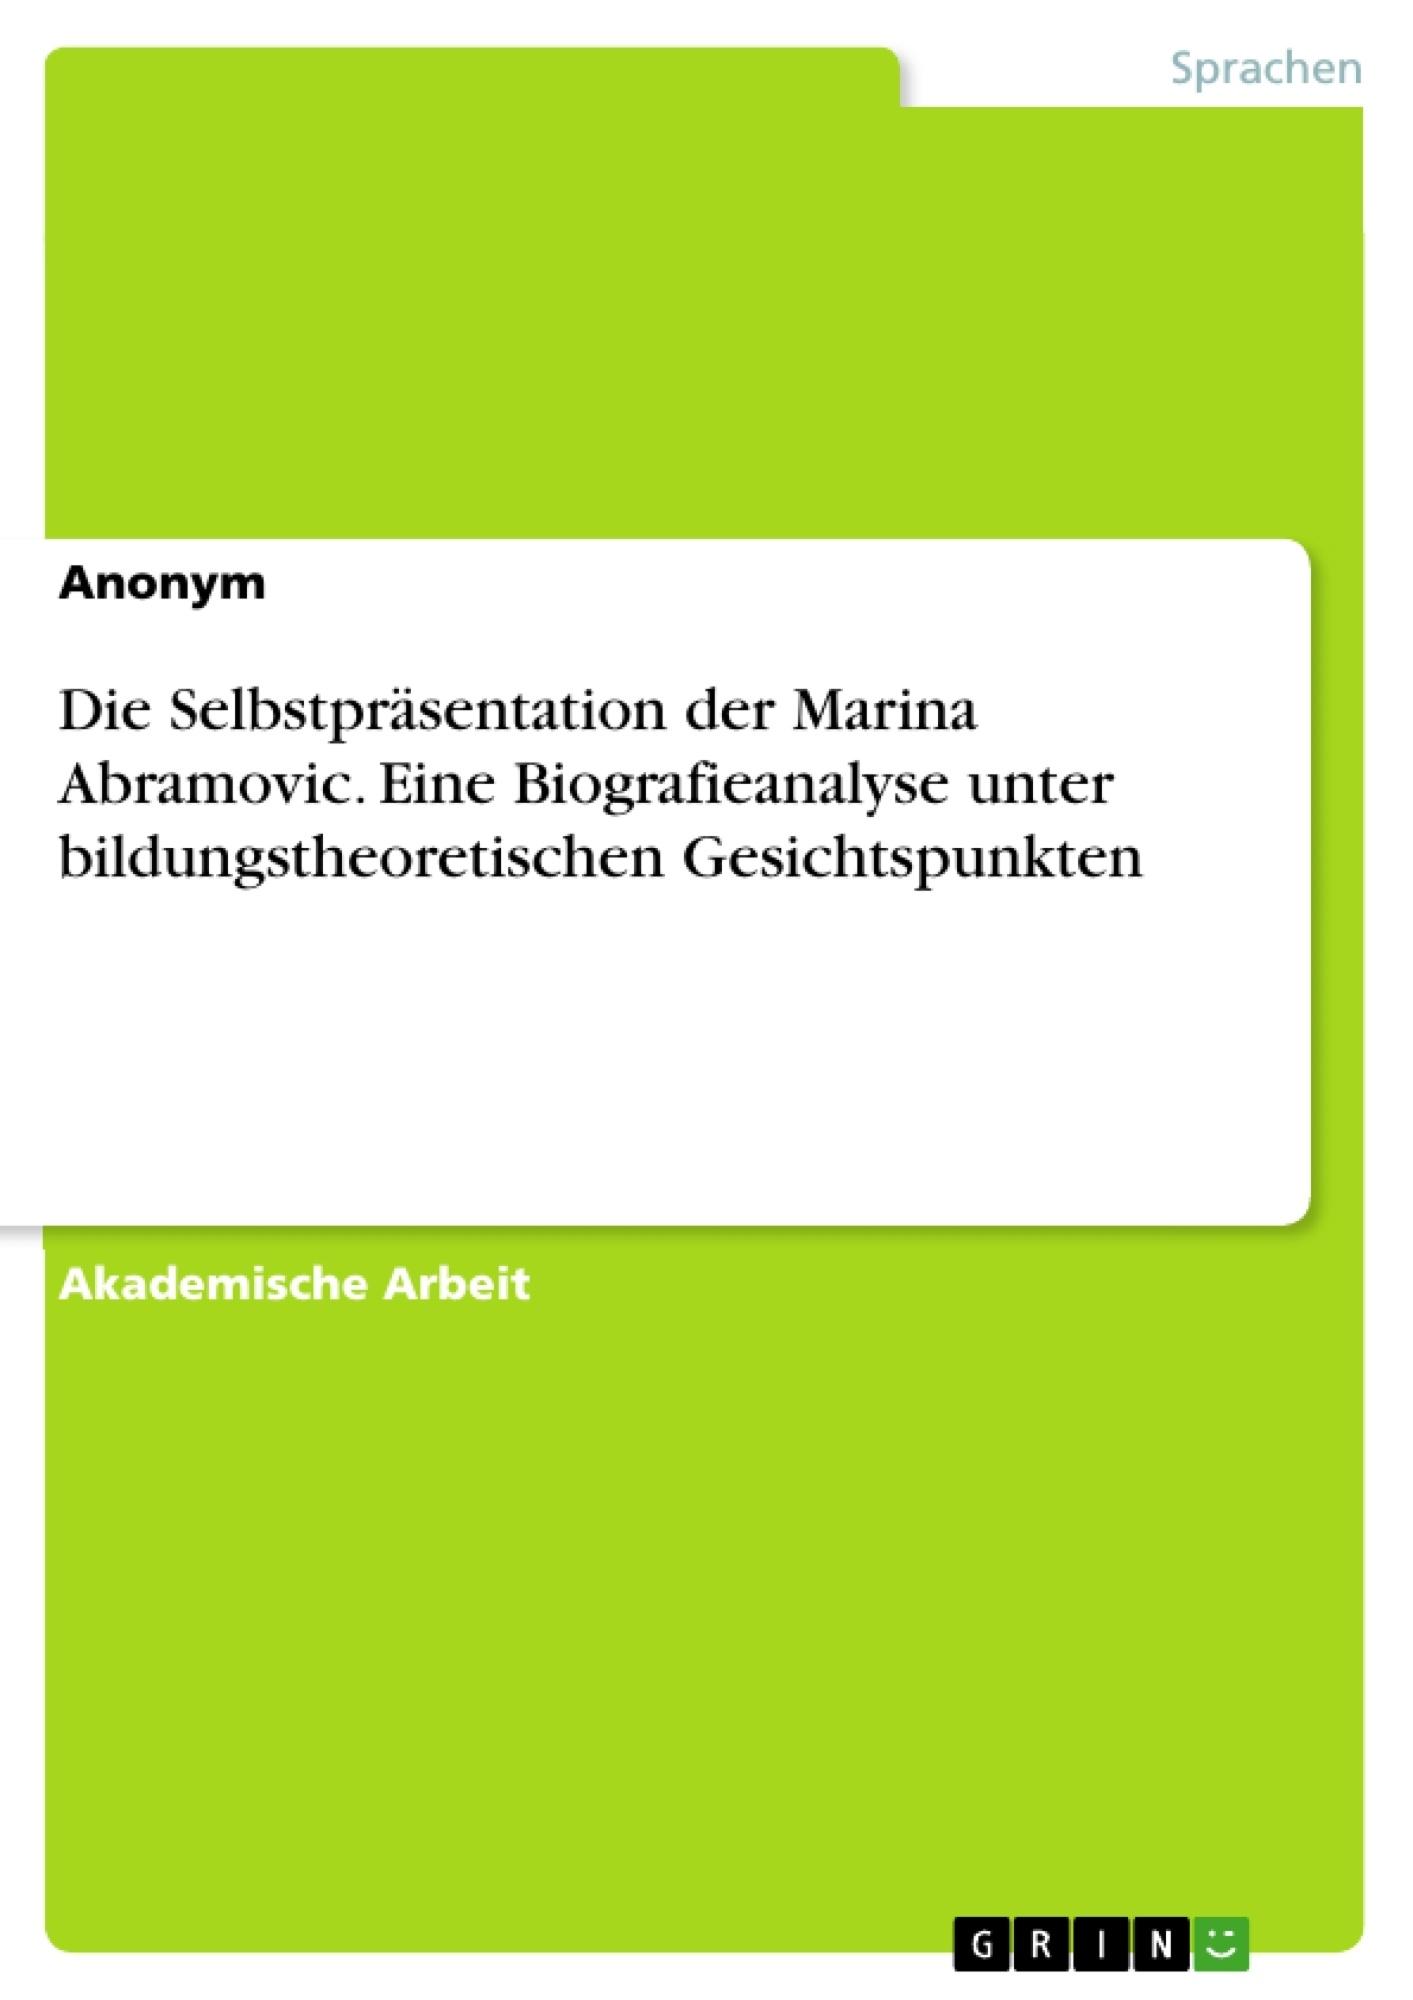 Titel: Die Selbstpräsentation der Marina Abramovic. Eine Biografieanalyse unter bildungstheoretischen Gesichtspunkten